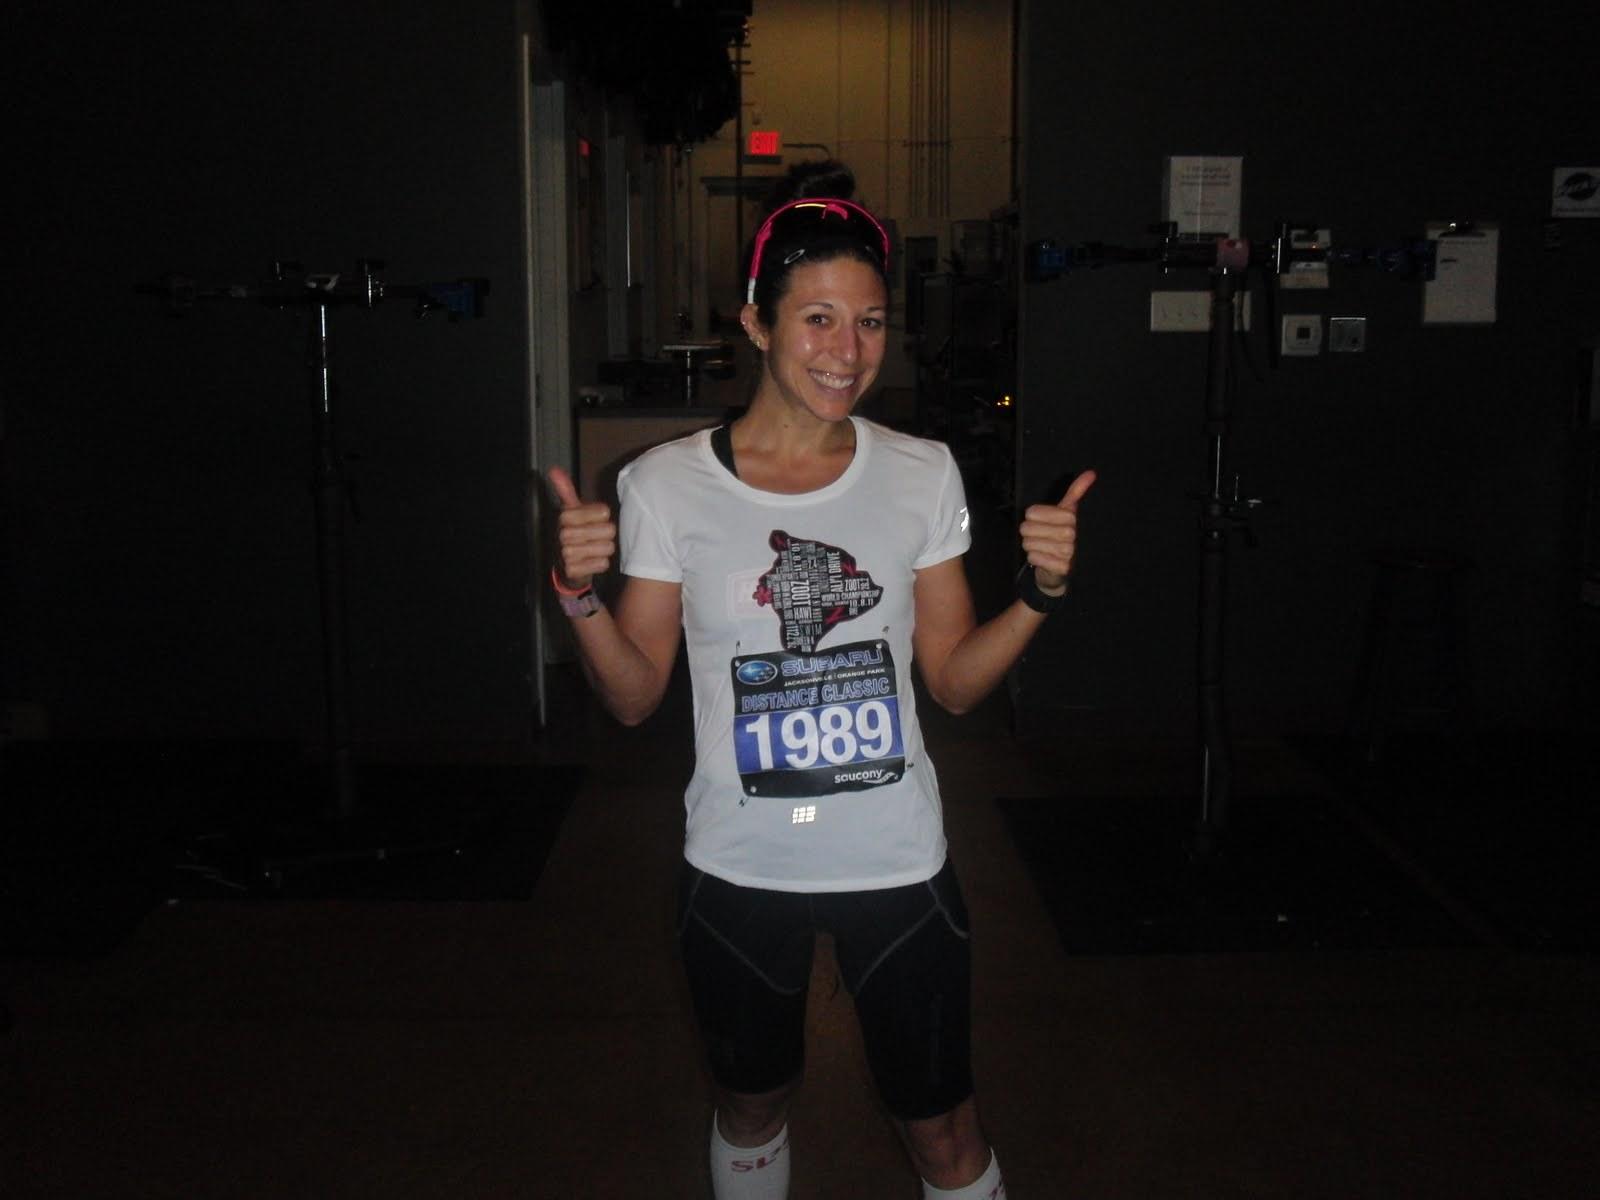 2011 Subaru Half Marathon